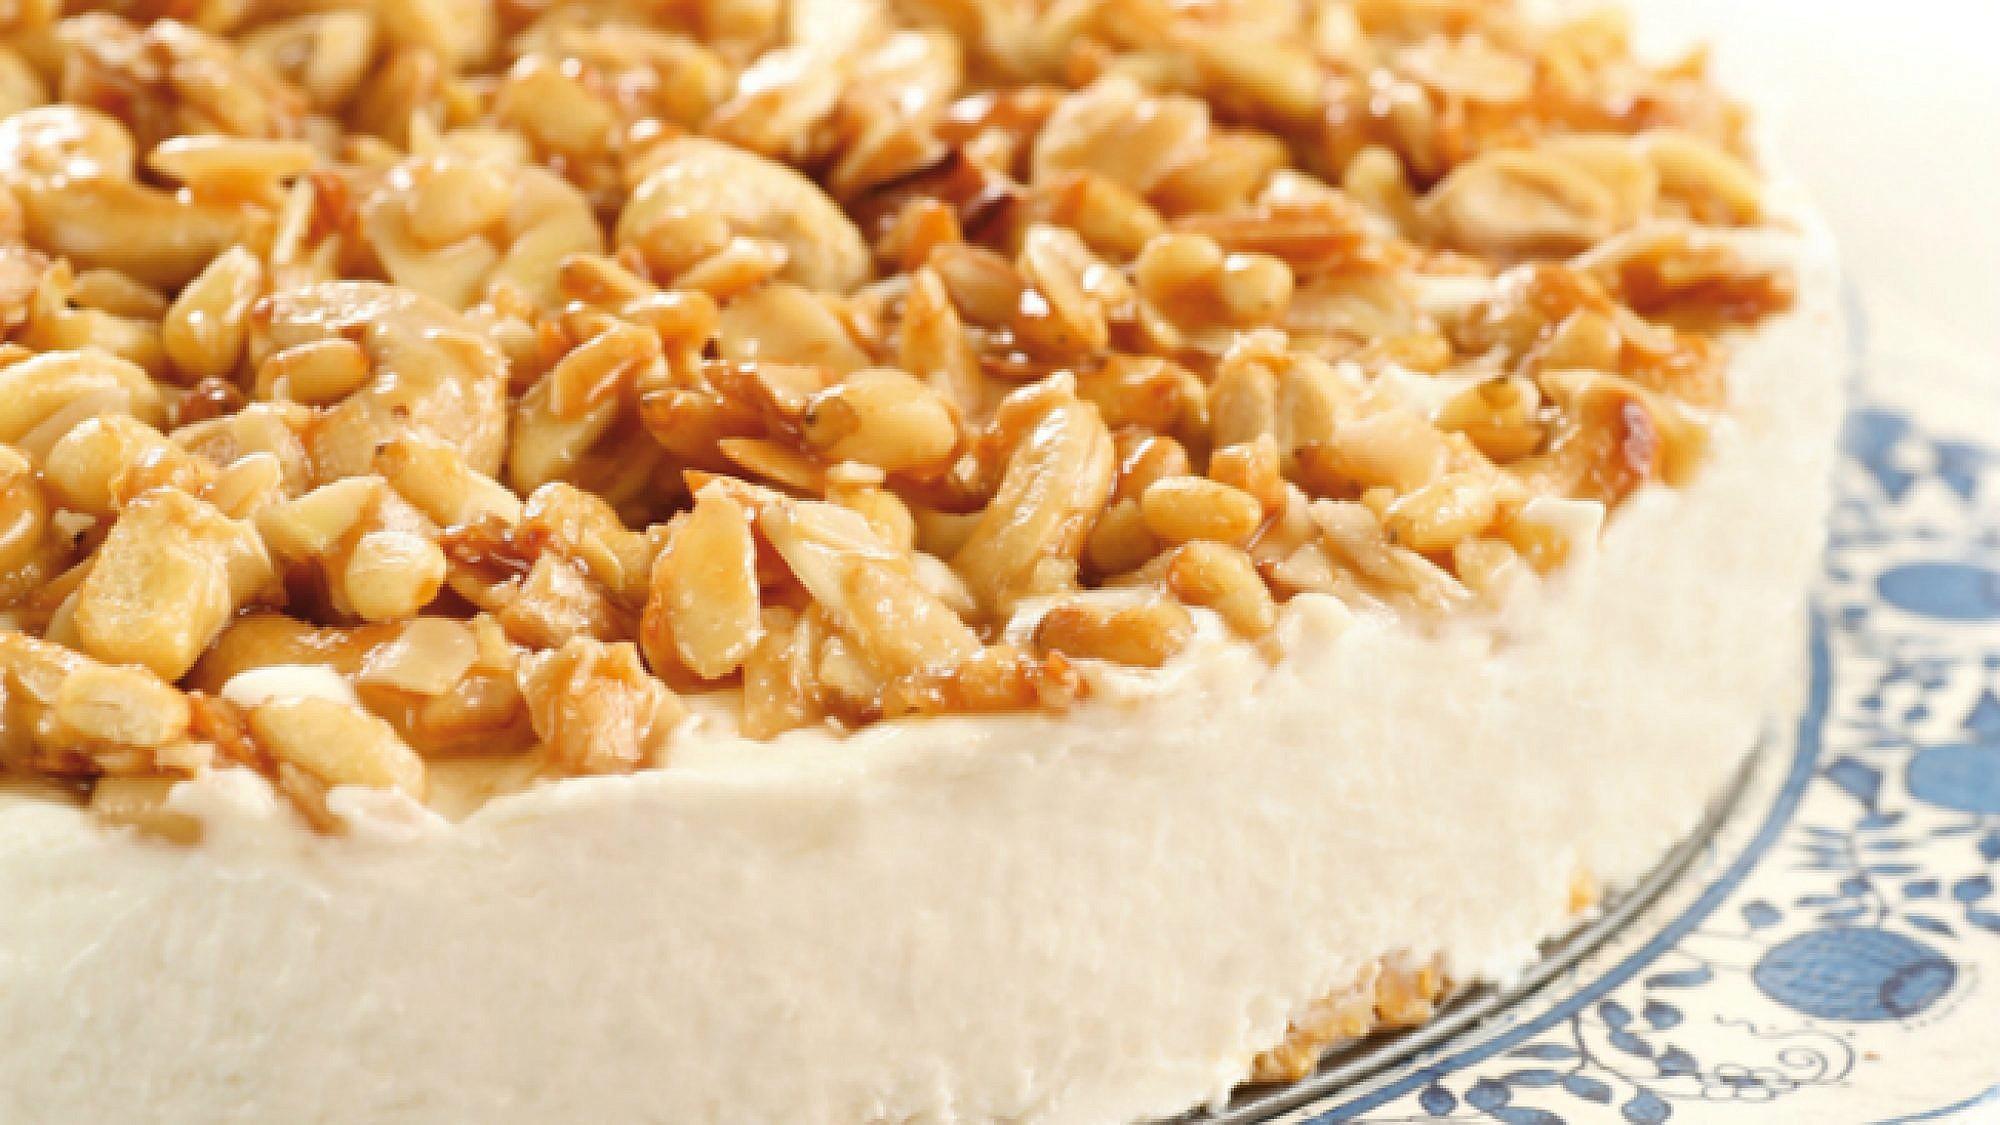 עוגת גבינה עם פיצוחים. צילום: דניה ויינר | סגנון: טליה אסיף